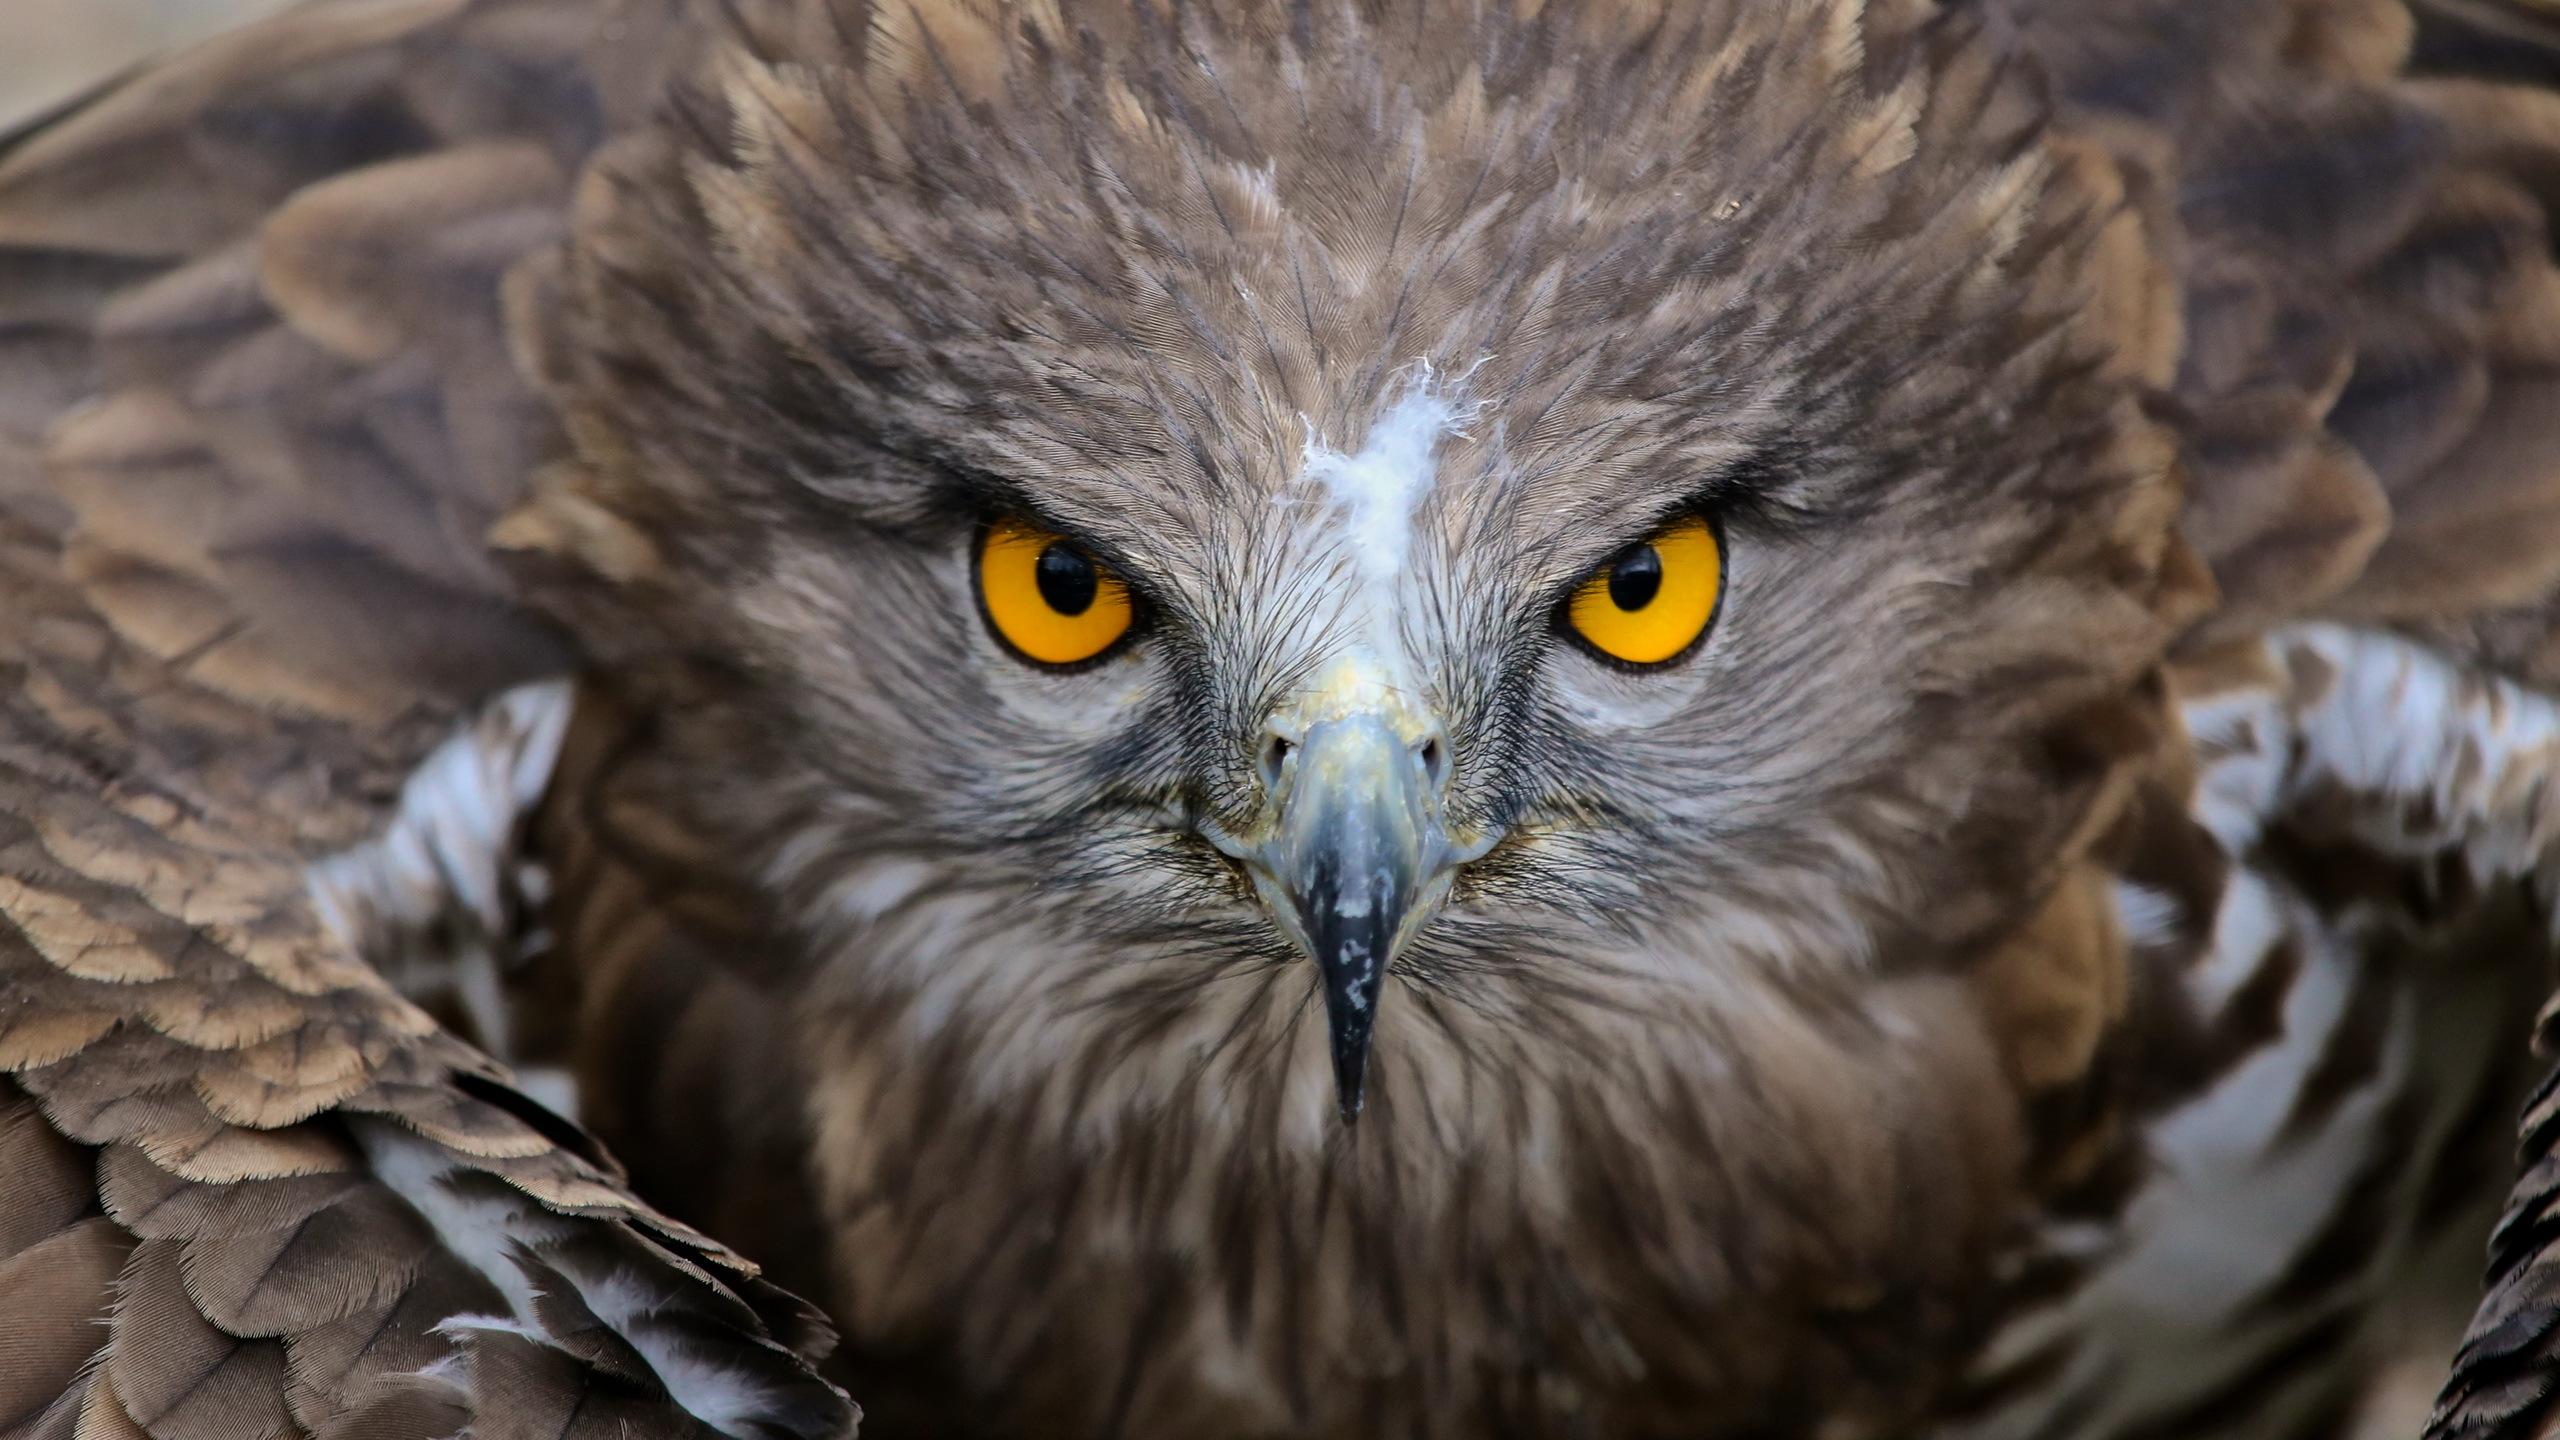 природа животные птица сокол nature animals bird Falcon бесплатно